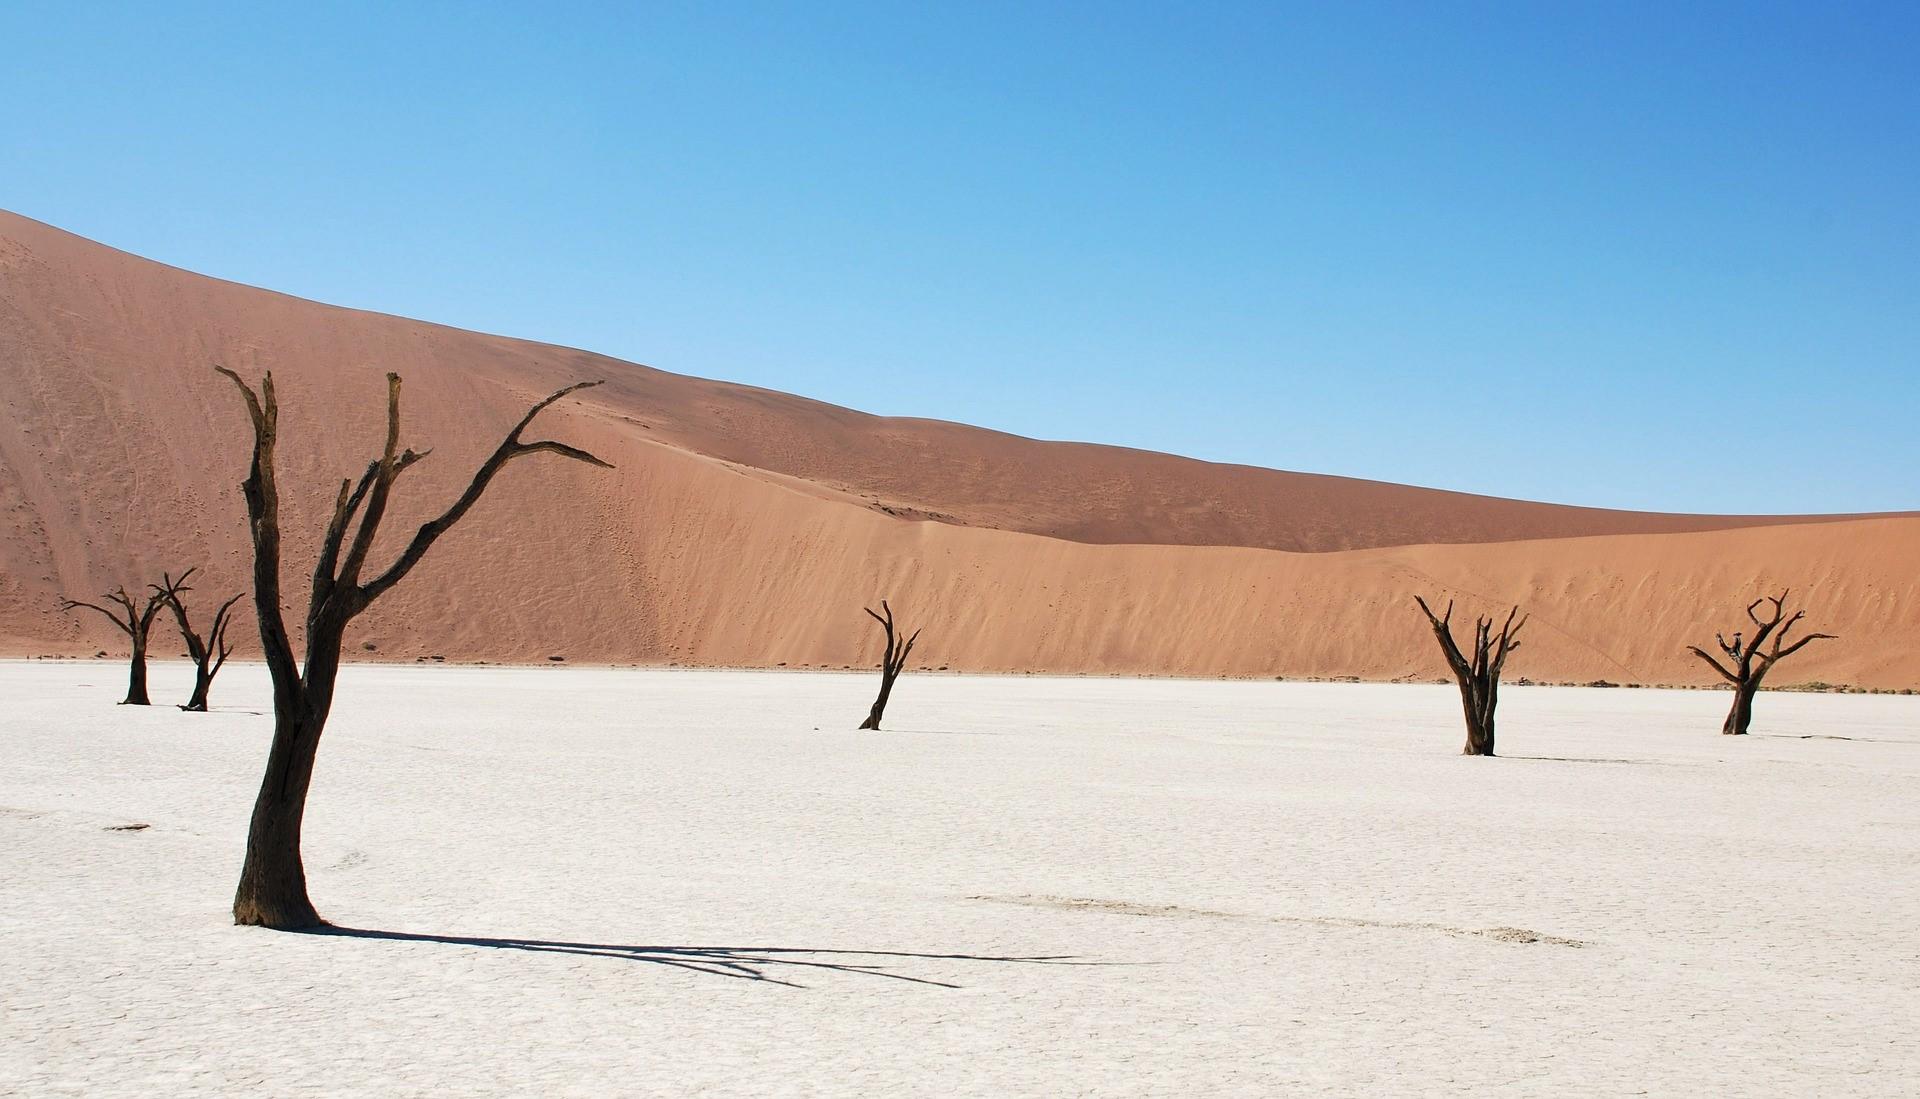 Dead Vlei, cuvette d'argile blanche près de Sossusvlei, dans le désert du Namib, en Namibie